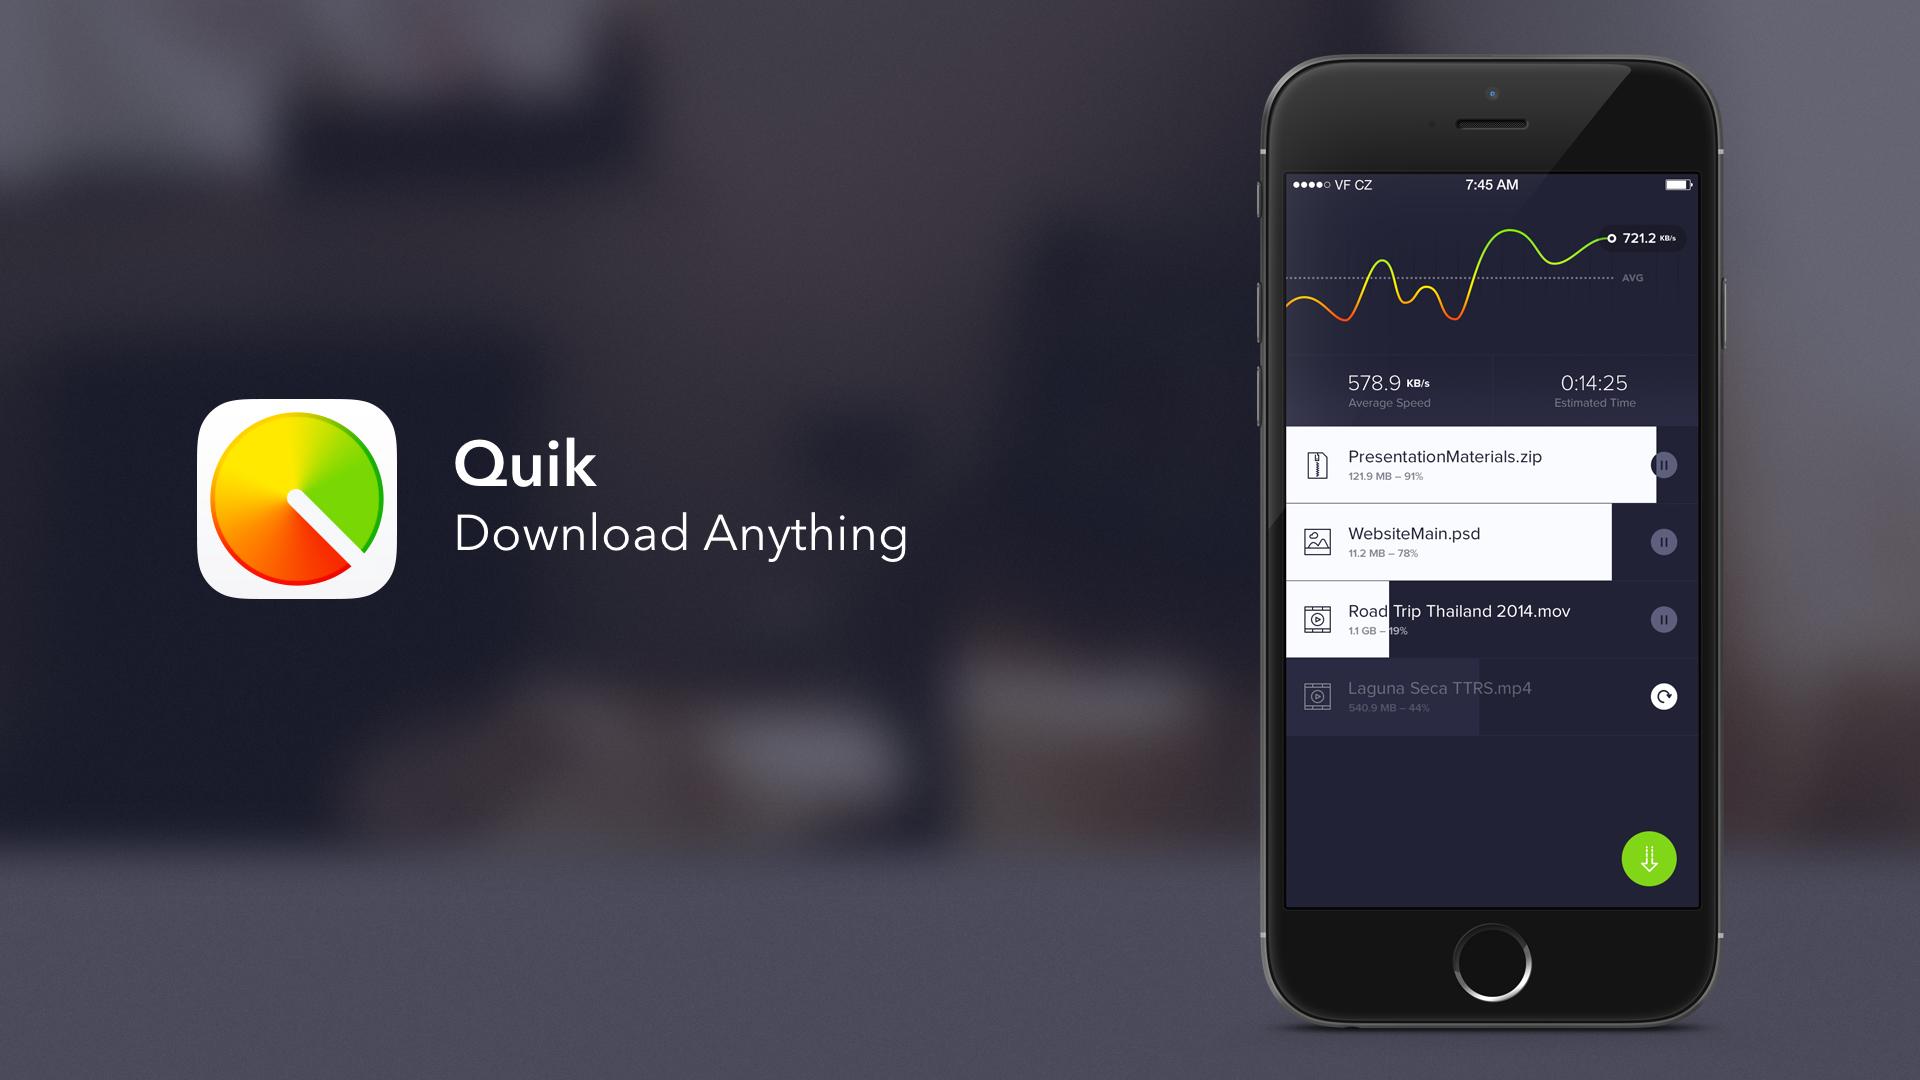 Quik —менеджер загрузок для iOS, который может скачивать видео с YouTube